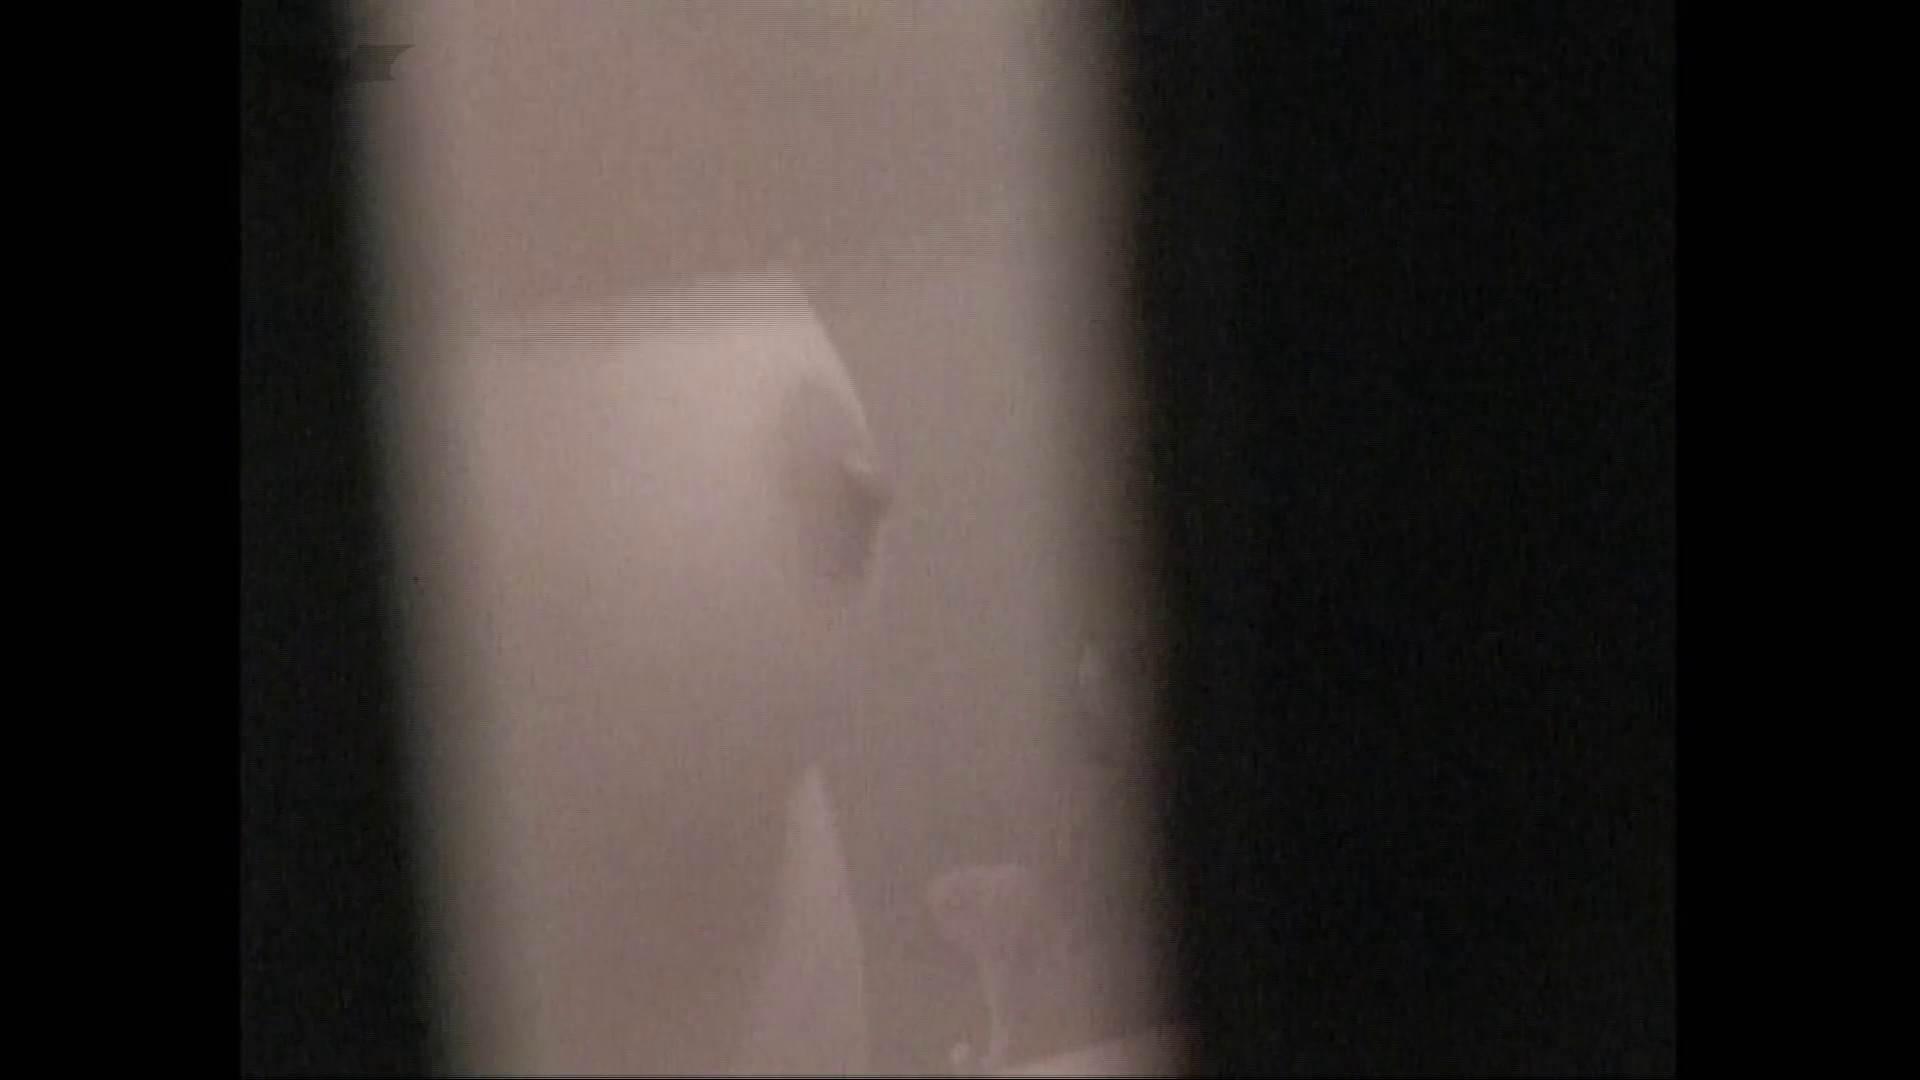 隙間からノゾク風呂 Vol.28 色白のロングヘアー美人がワシャワシャと。 美人  104pic 23